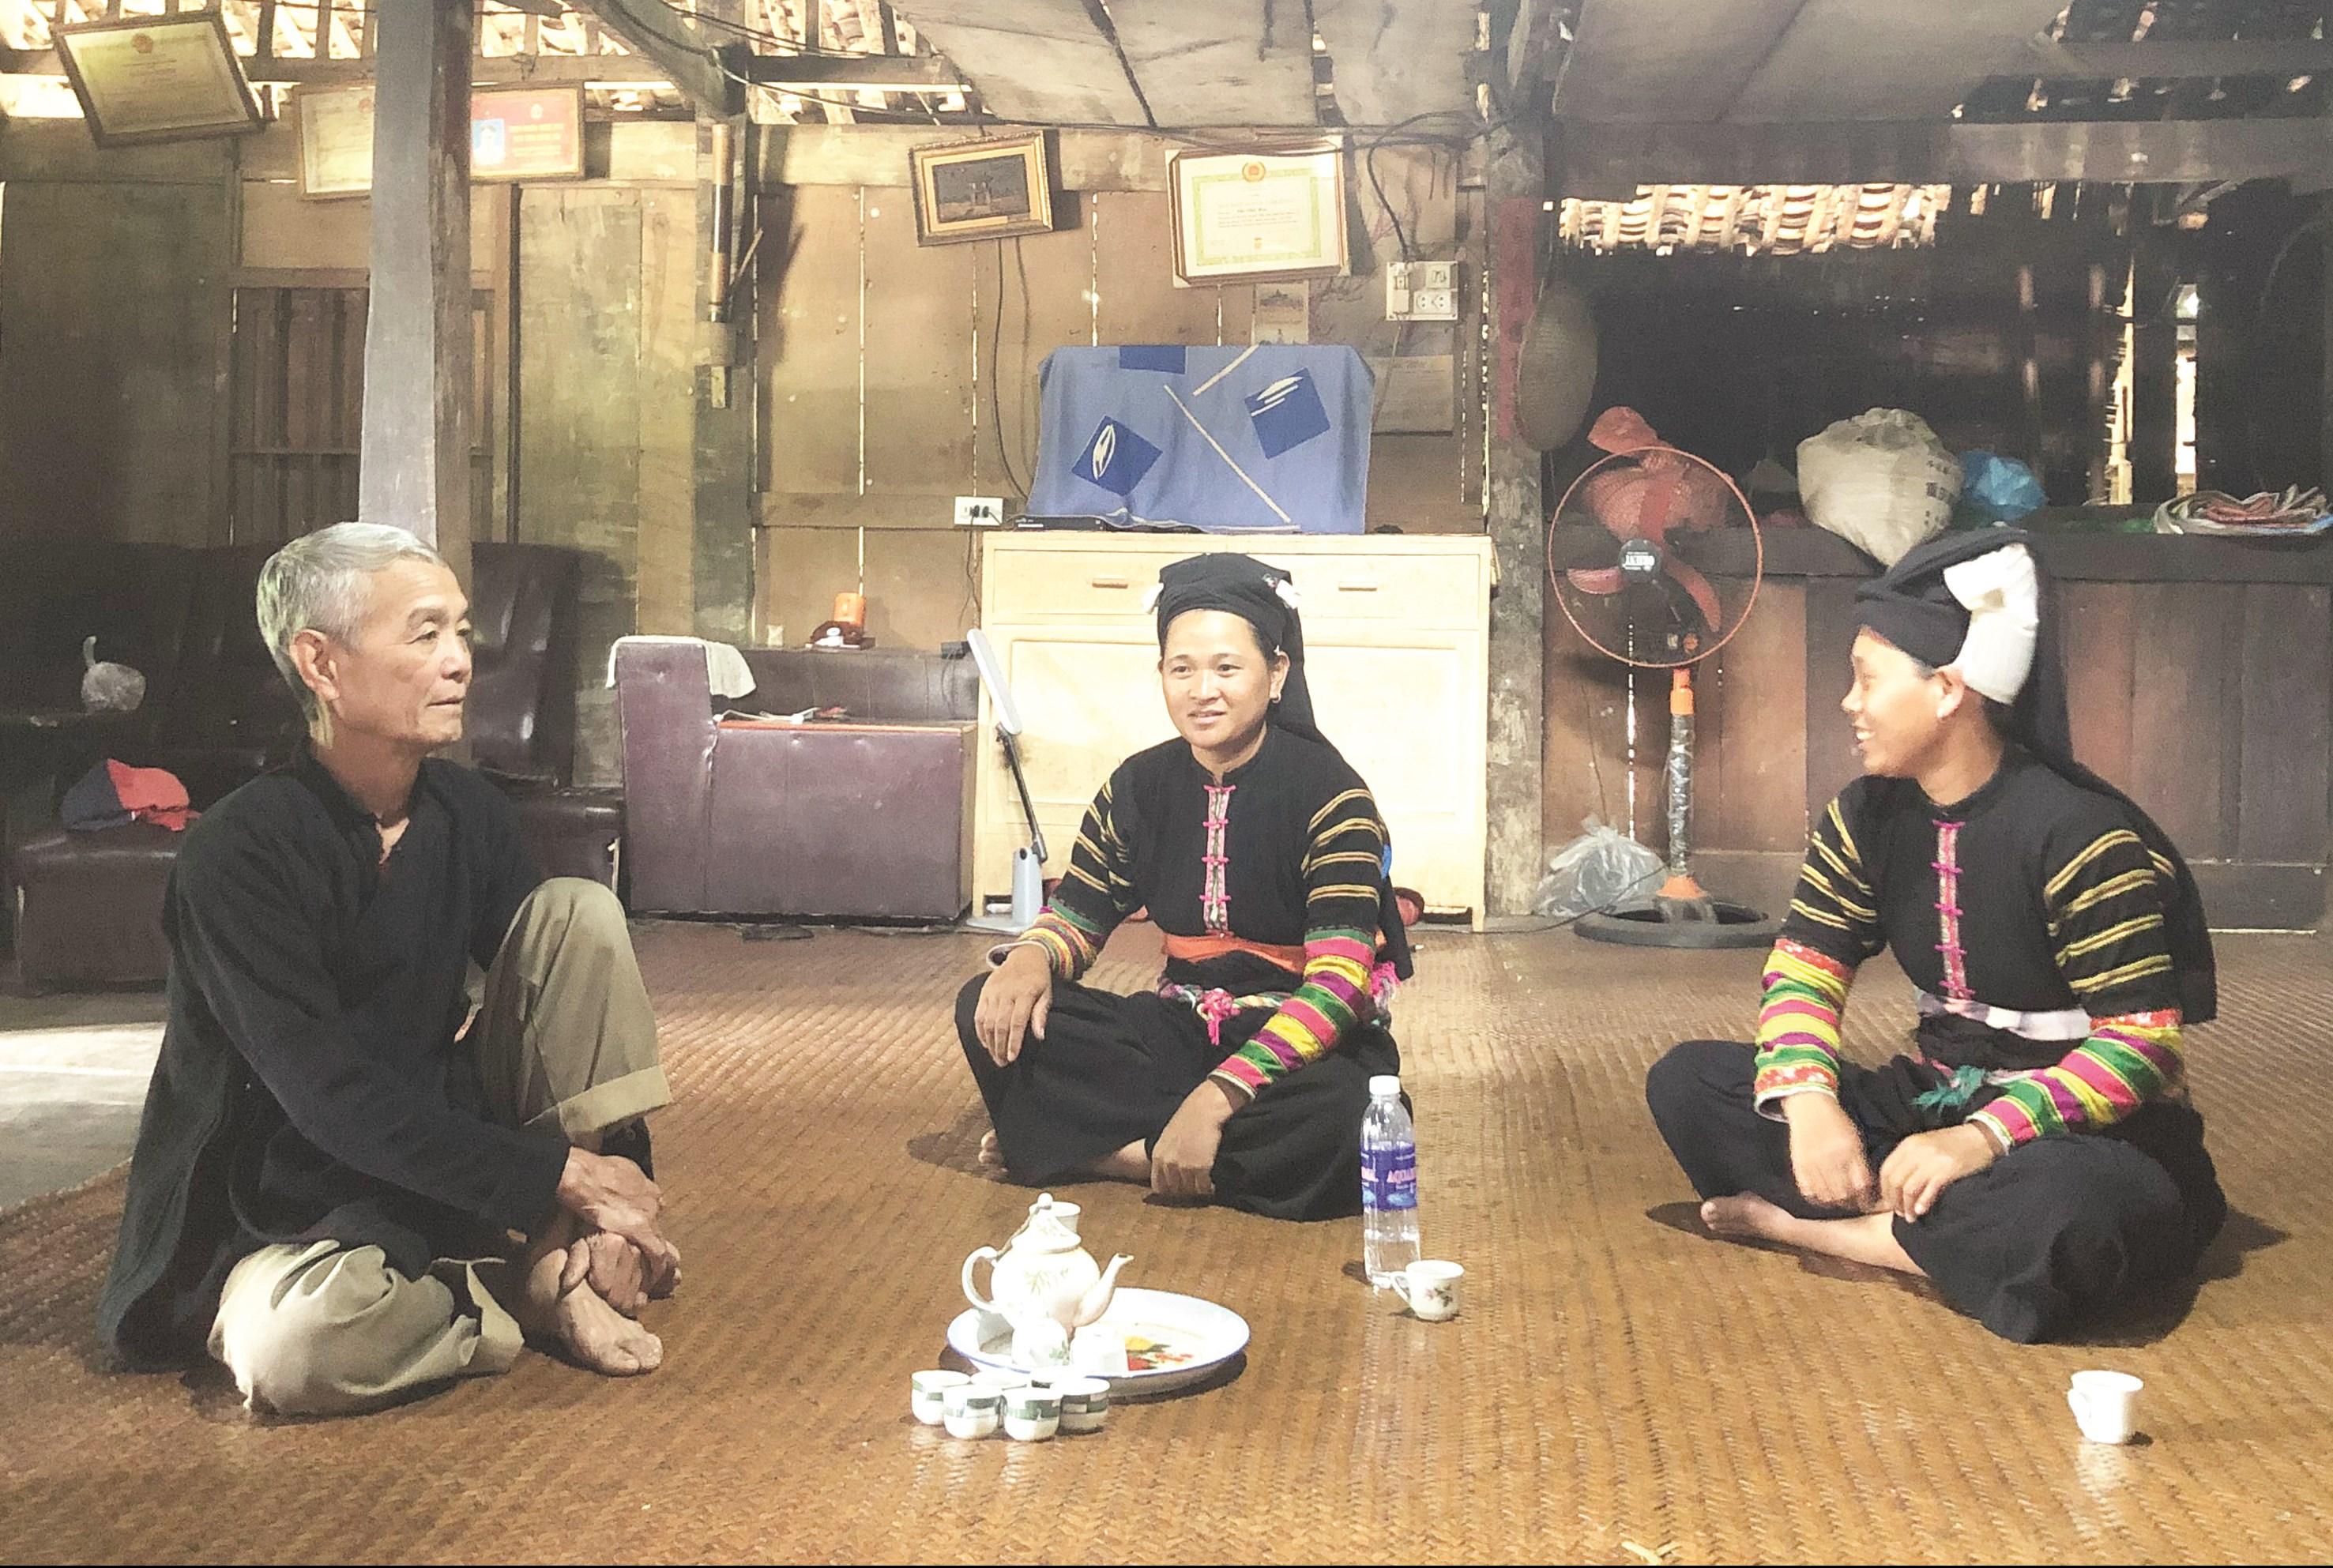 Ông Chi Viết Hải Người có uy tín ở xóm Khuổi Khon trao đổi việc giữ gìn bản sắc văn hóa dân tộc với đồng bào Lô Lô.